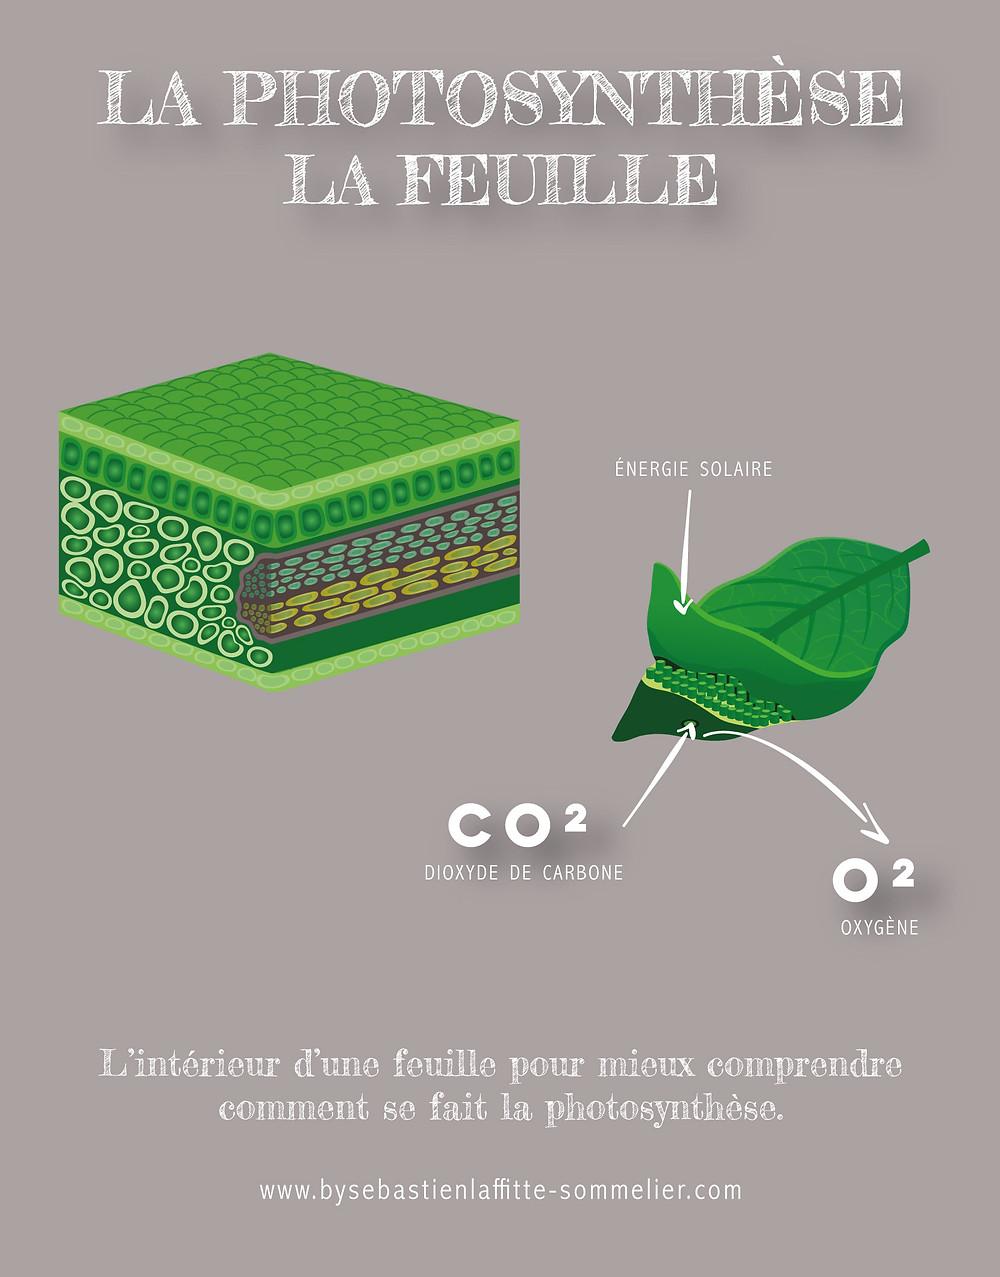 Illustration de la photosynthèse avec la coupe d'une feuille pour le cours de Chimie de Sébastien Laffitte Sommelier